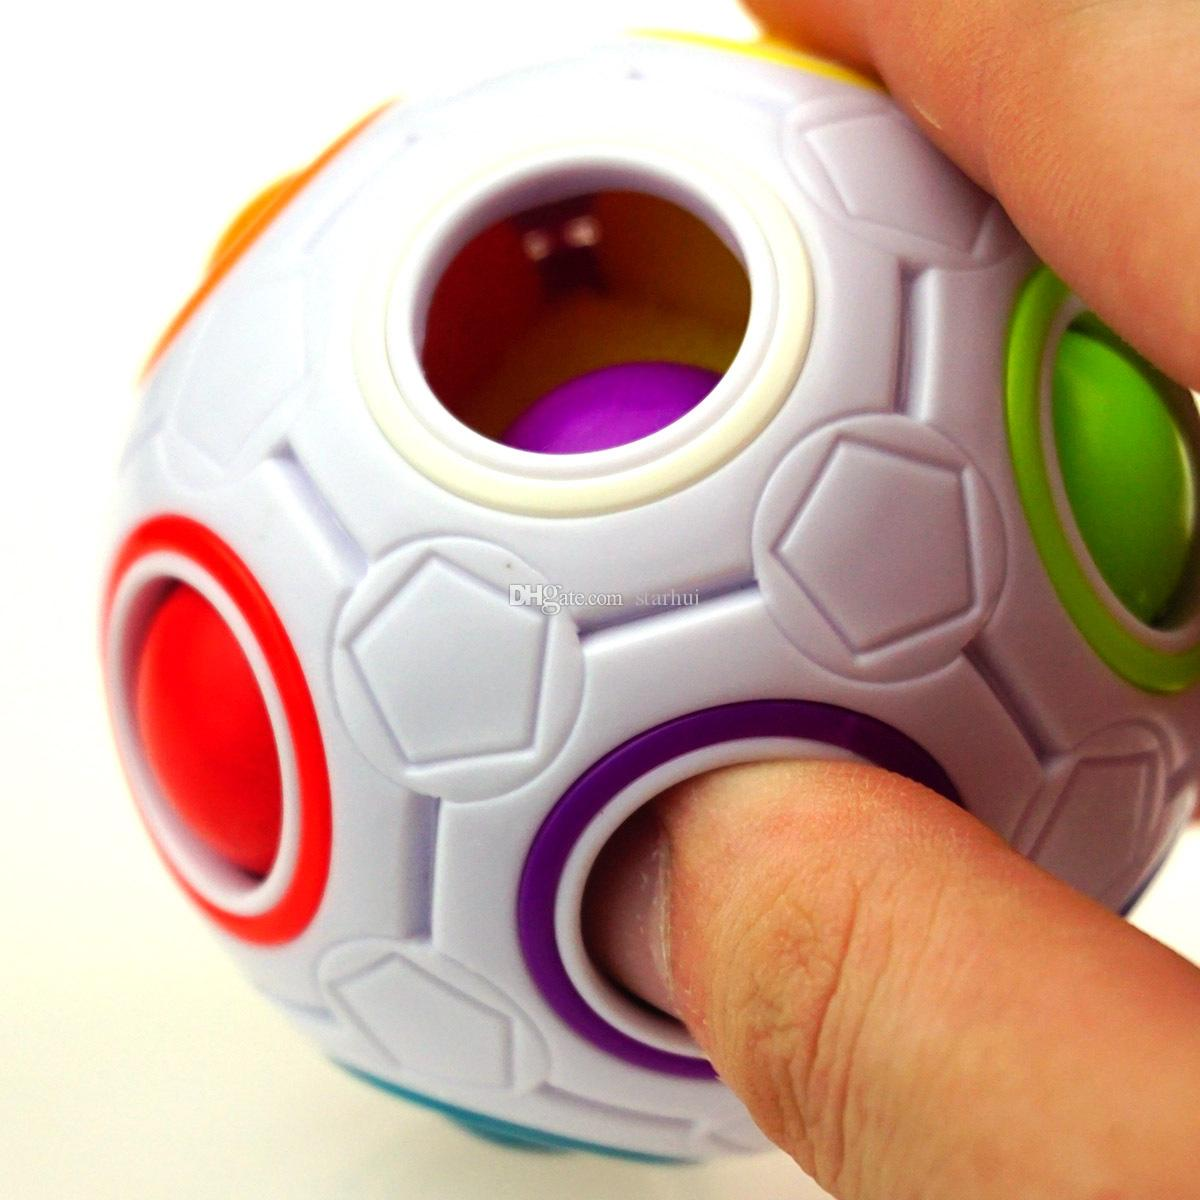 Regenbogen-Kugel-magischer Würfel-Geschwindigkeits-Fußball-Spaß-kreative kugelförmige Puzzlespiele scherzt pädagogische lernspielzeugspiele Kinder-erwachsene Geschenke WX-T75